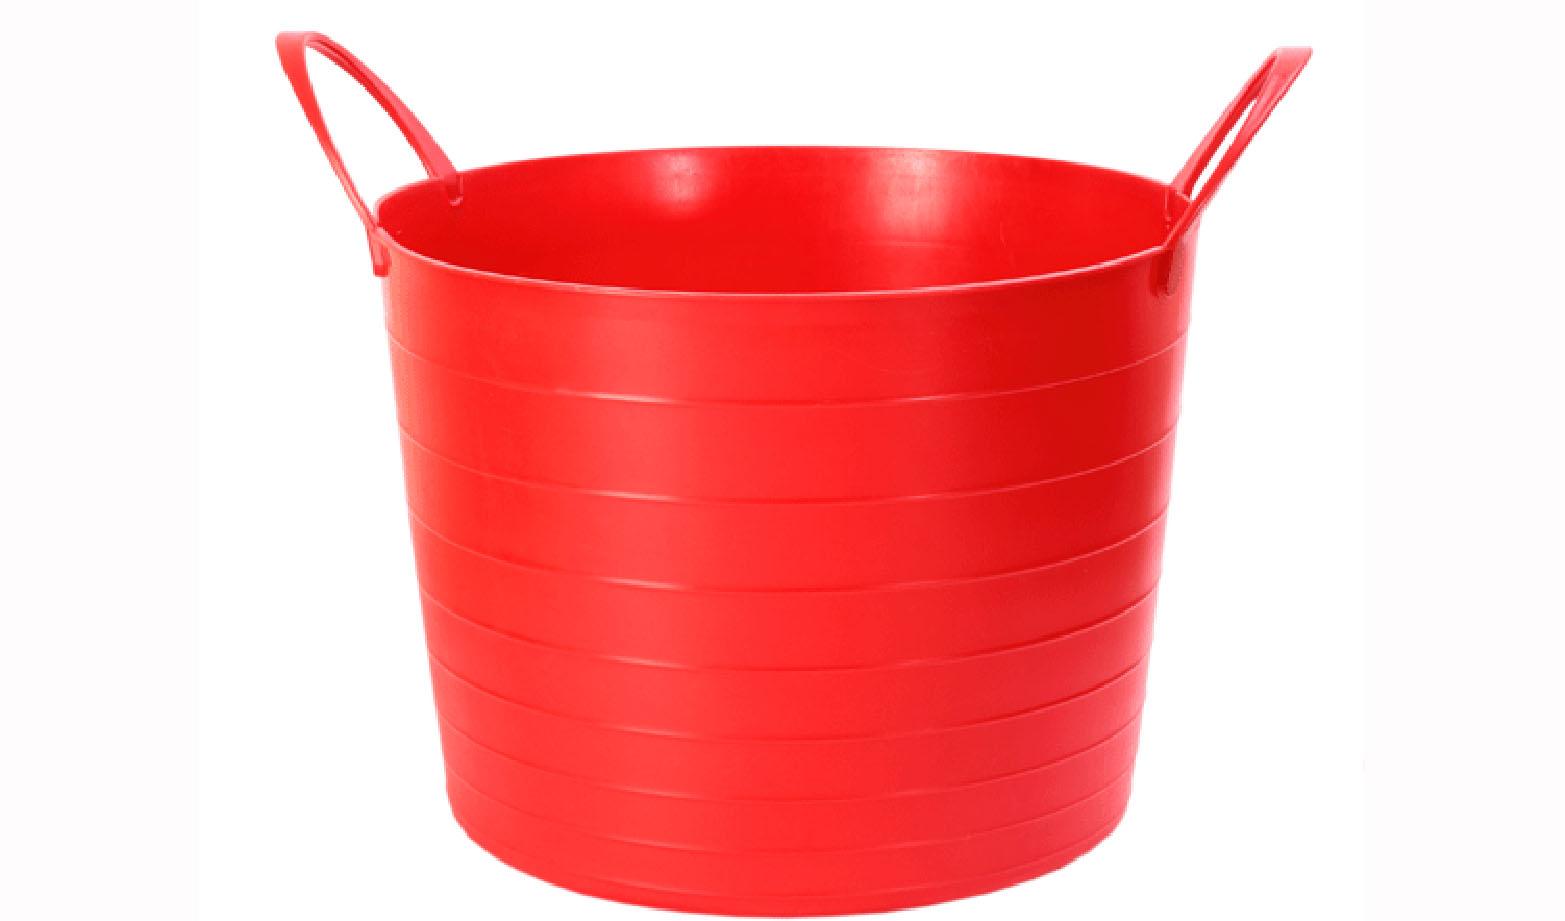 Корзина мягкая Idea, цвет: красный, 27 лZ-0307Мягкая корзина Idea изготовлена из гибкого пластика, оснащена двумя удобными ручками. Внутренняя поверхность имеет отметки литража. Такой корзинке можно найти множество применений в быту: она подойдет для строительства, для сбора фруктов, овощей и грибов, для хранения бытовых предметов. Такая корзина пригодится в любом хозяйстве.